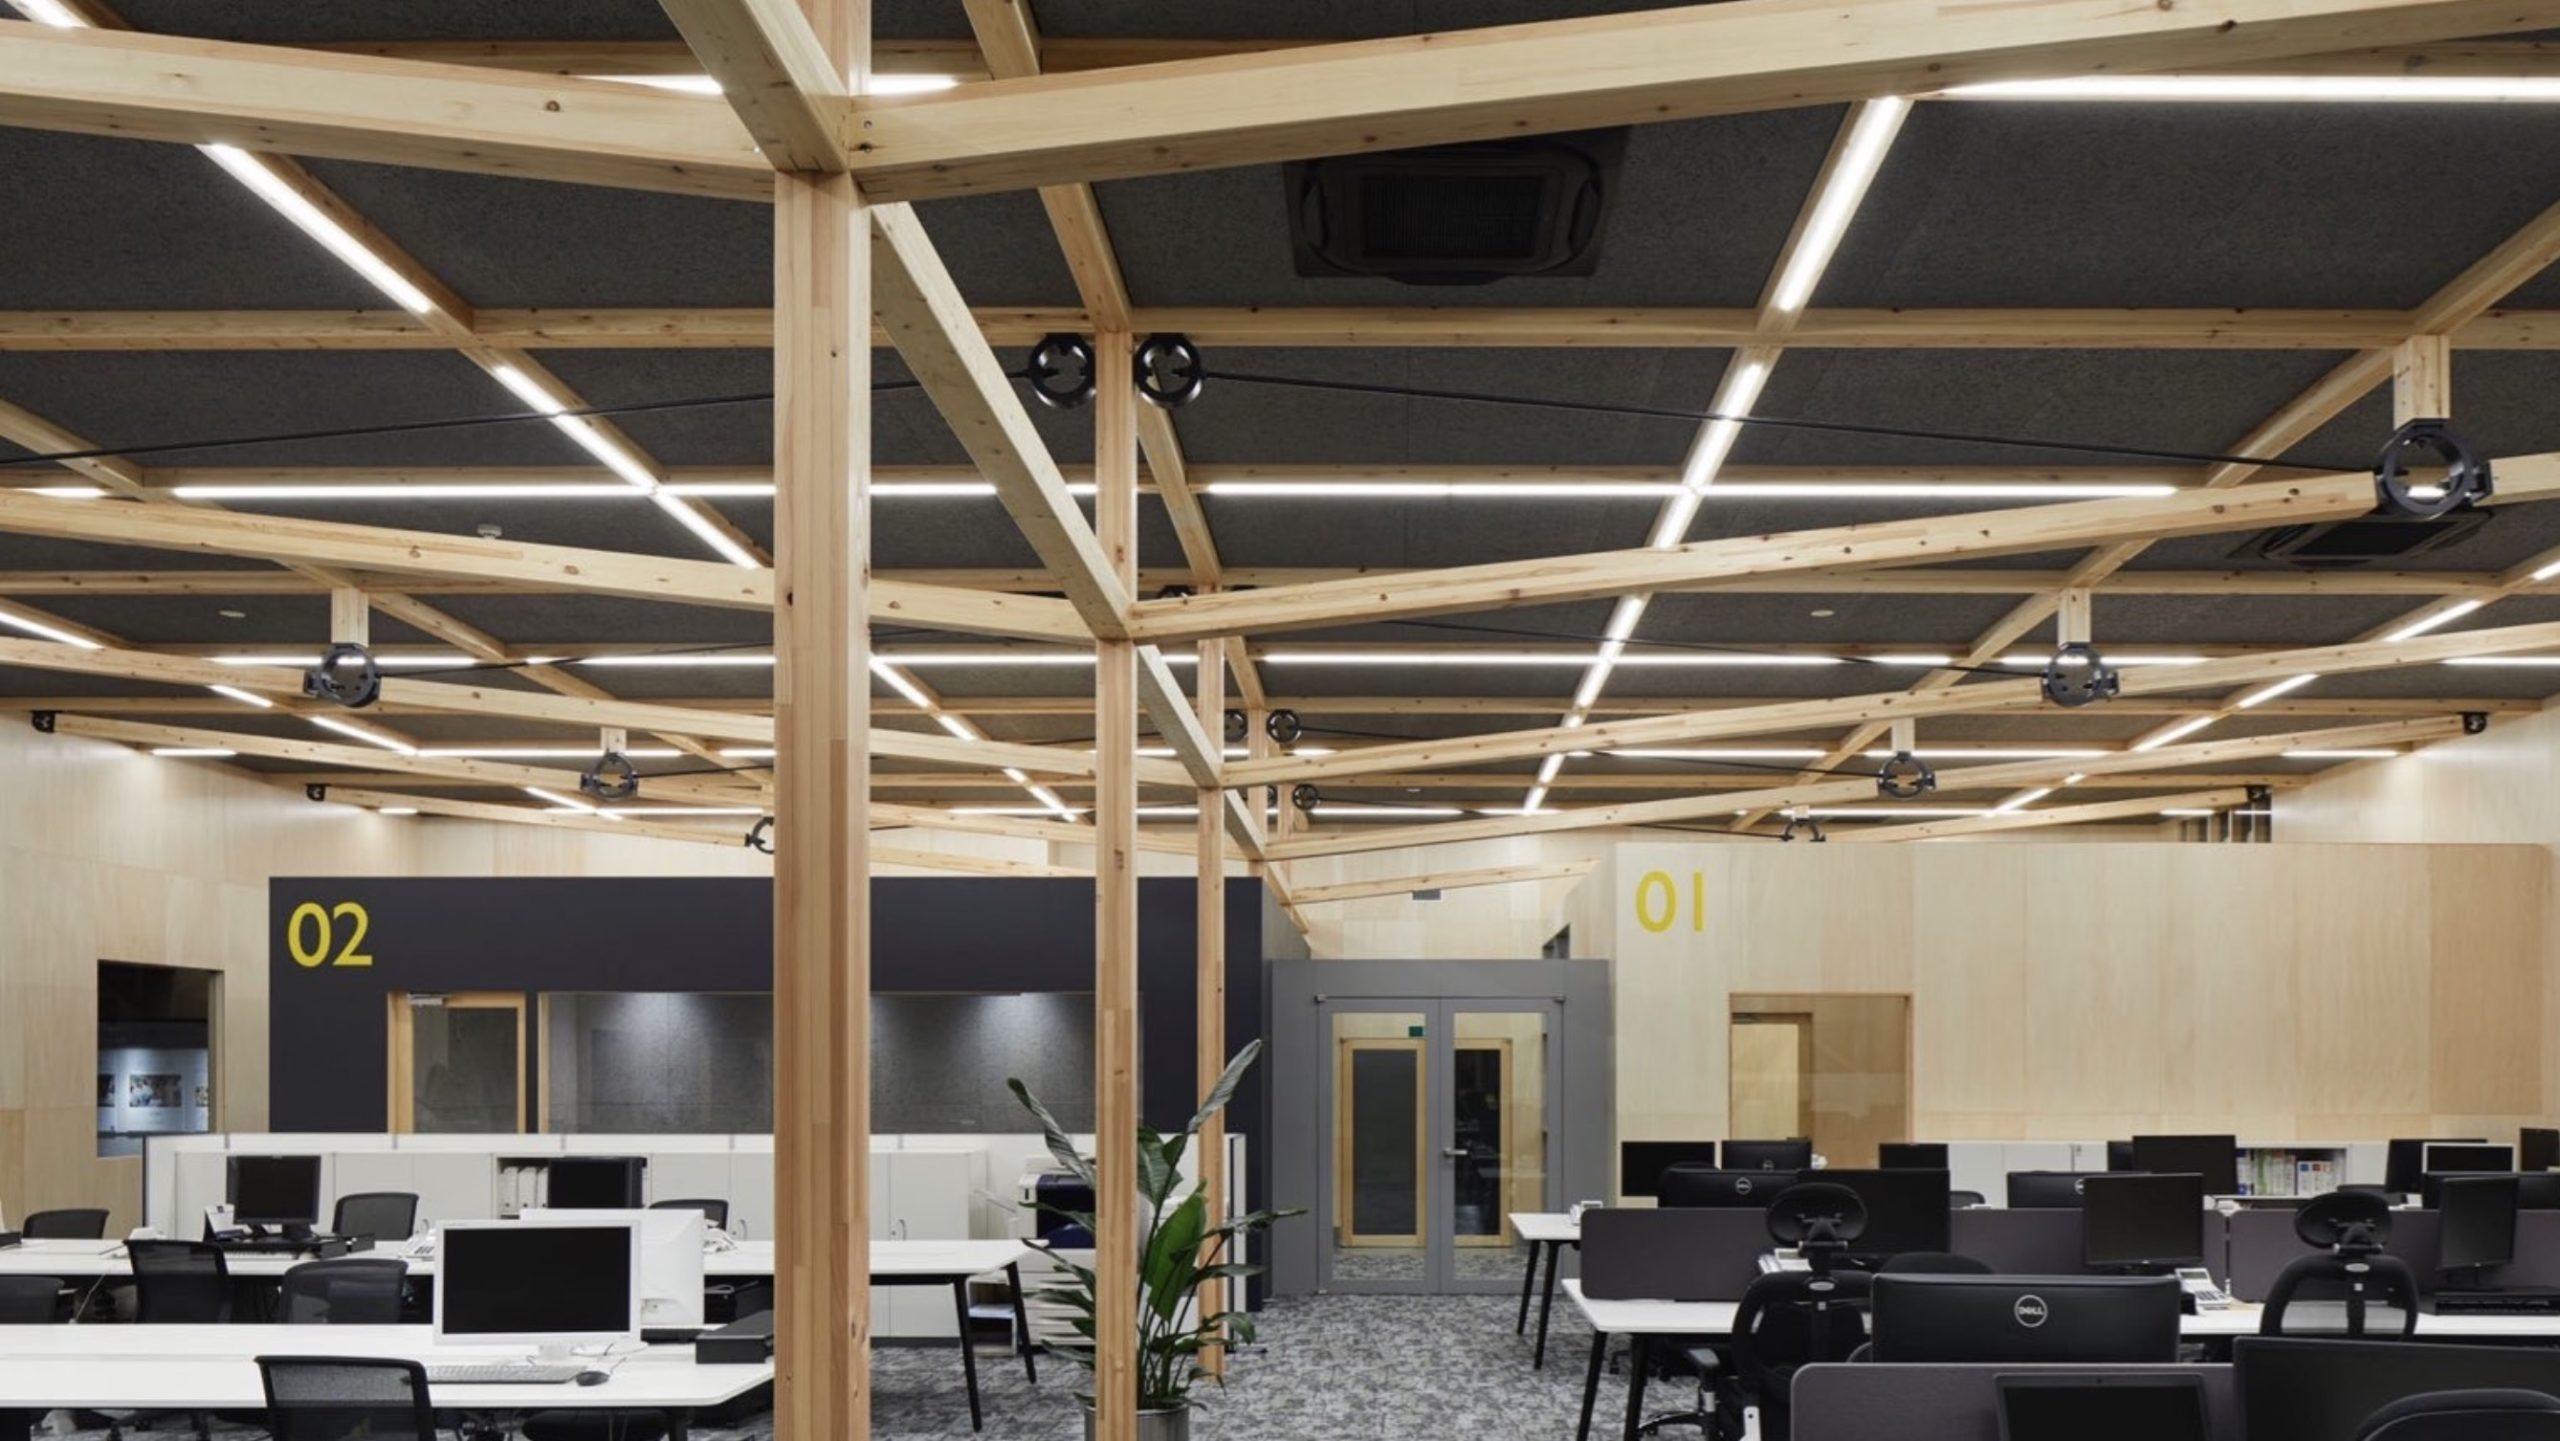 木造張弦トラス構造を採用した構造デザインのオフィス内観写真・事例